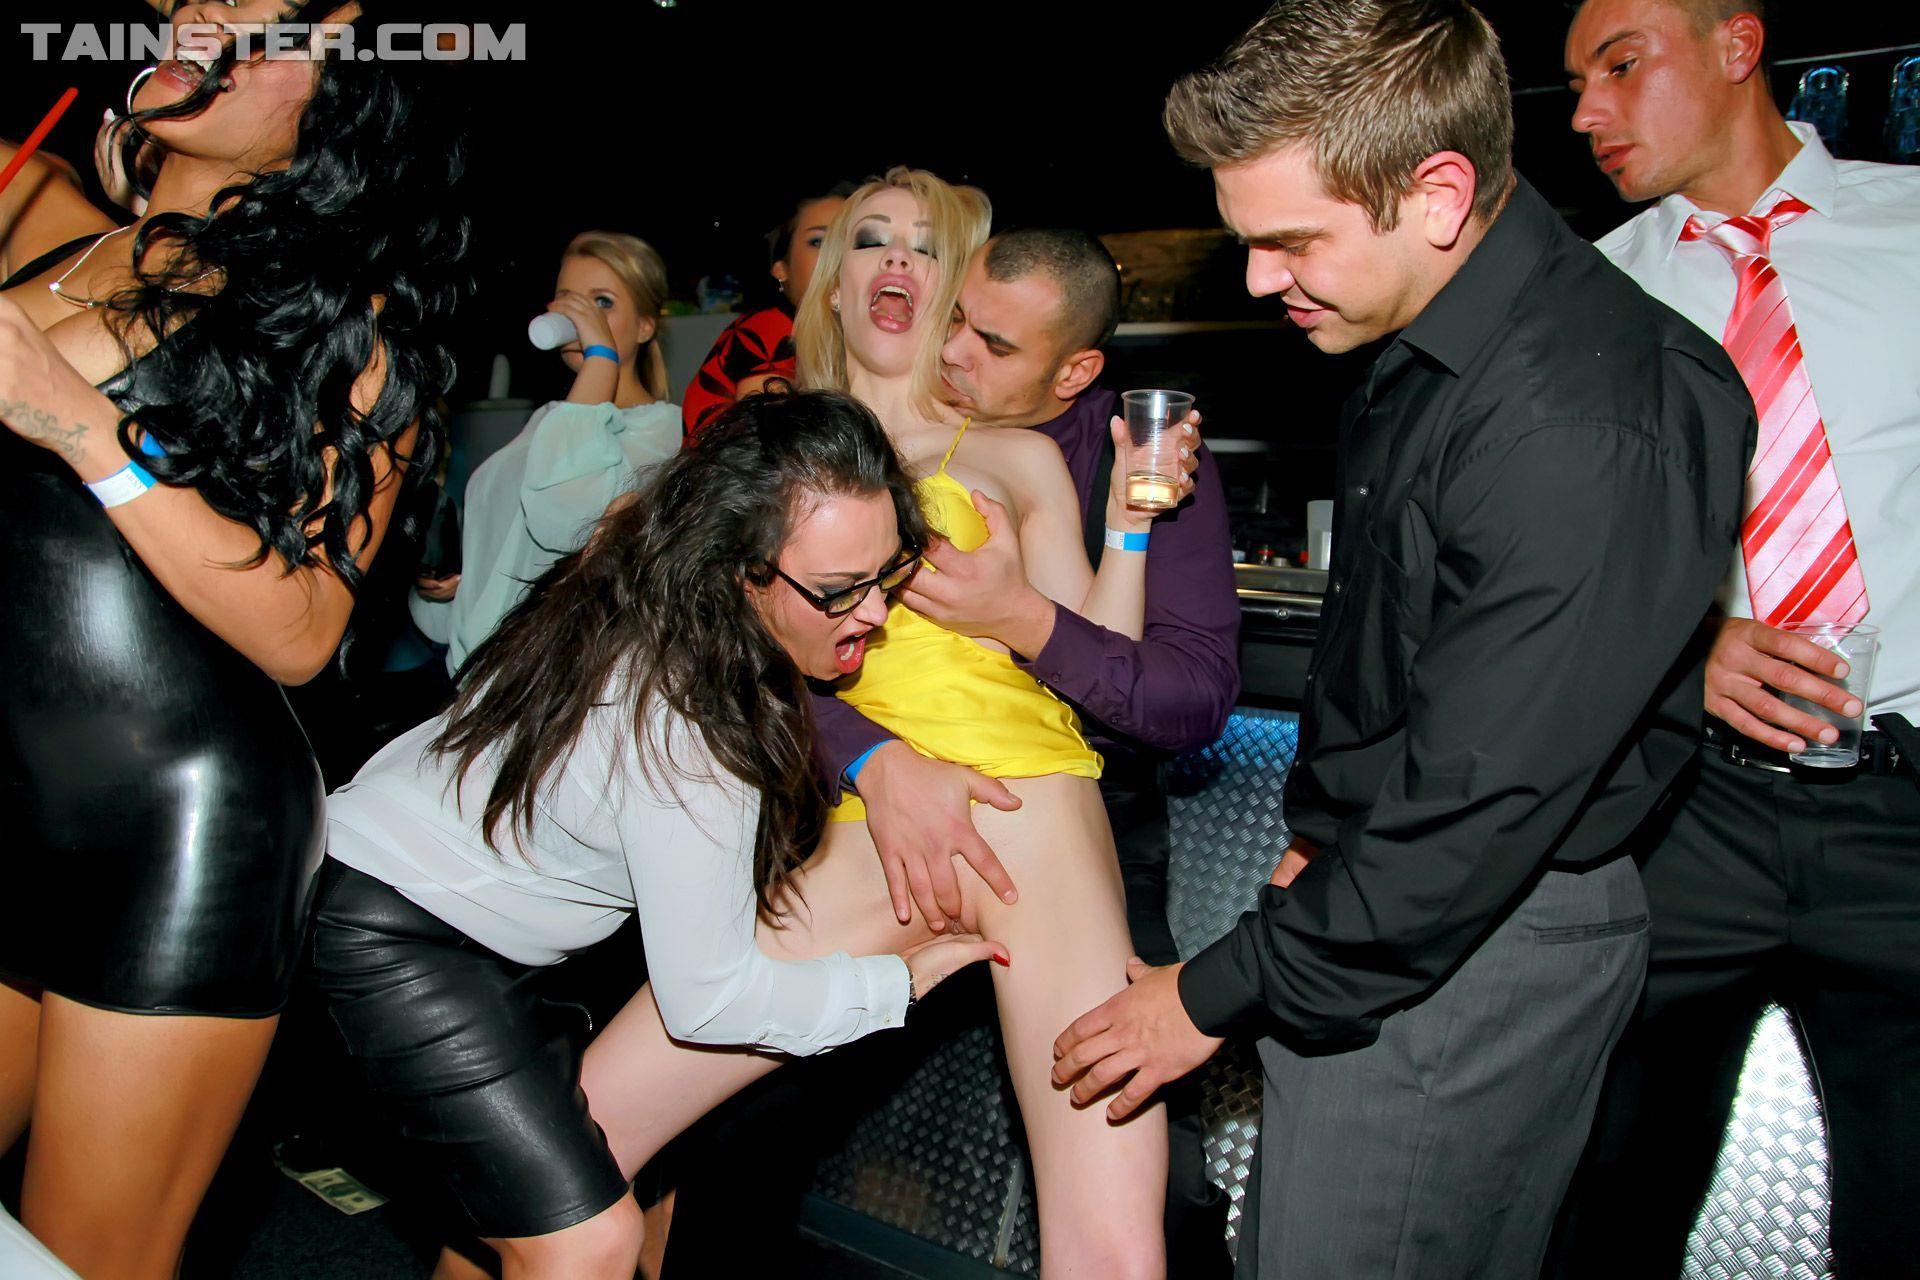 Club public a sex in Free Sex